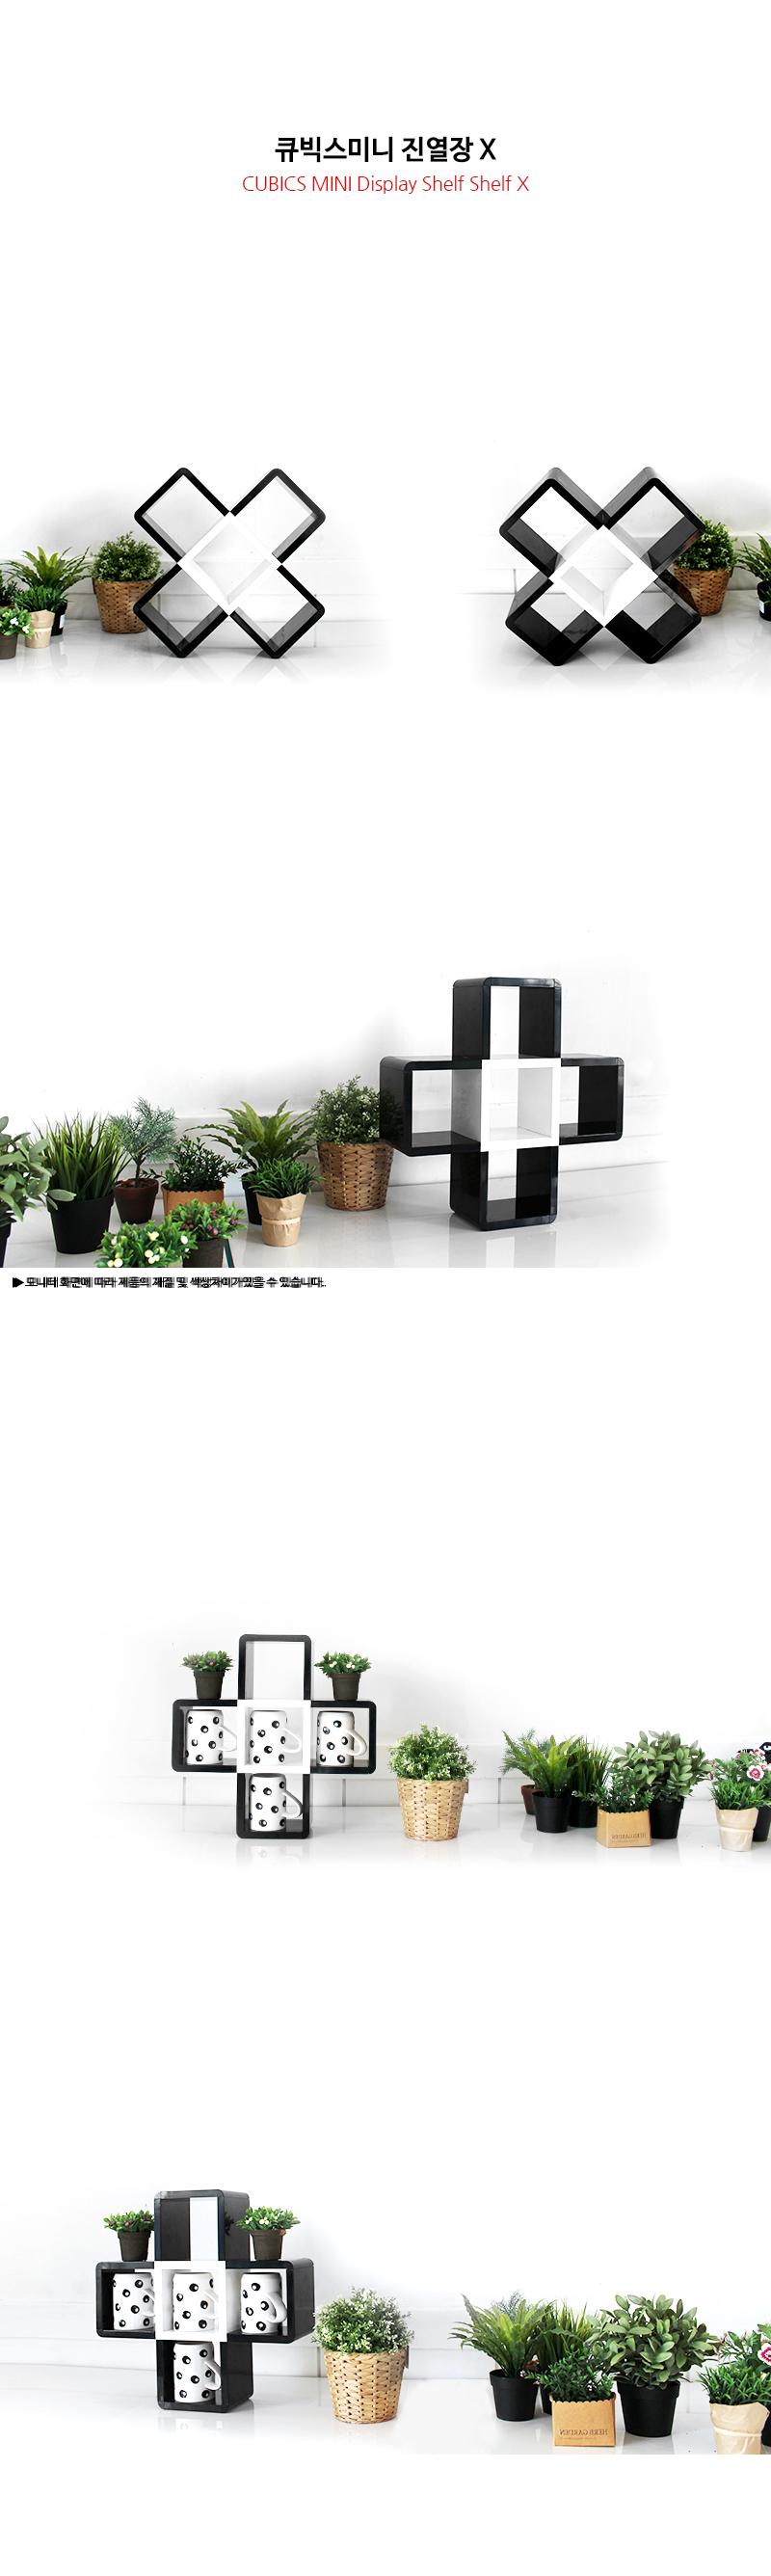 큐빅스미니 진열장 X - 큐빅스미니, 41,600원, 주방수납용품, 수납함